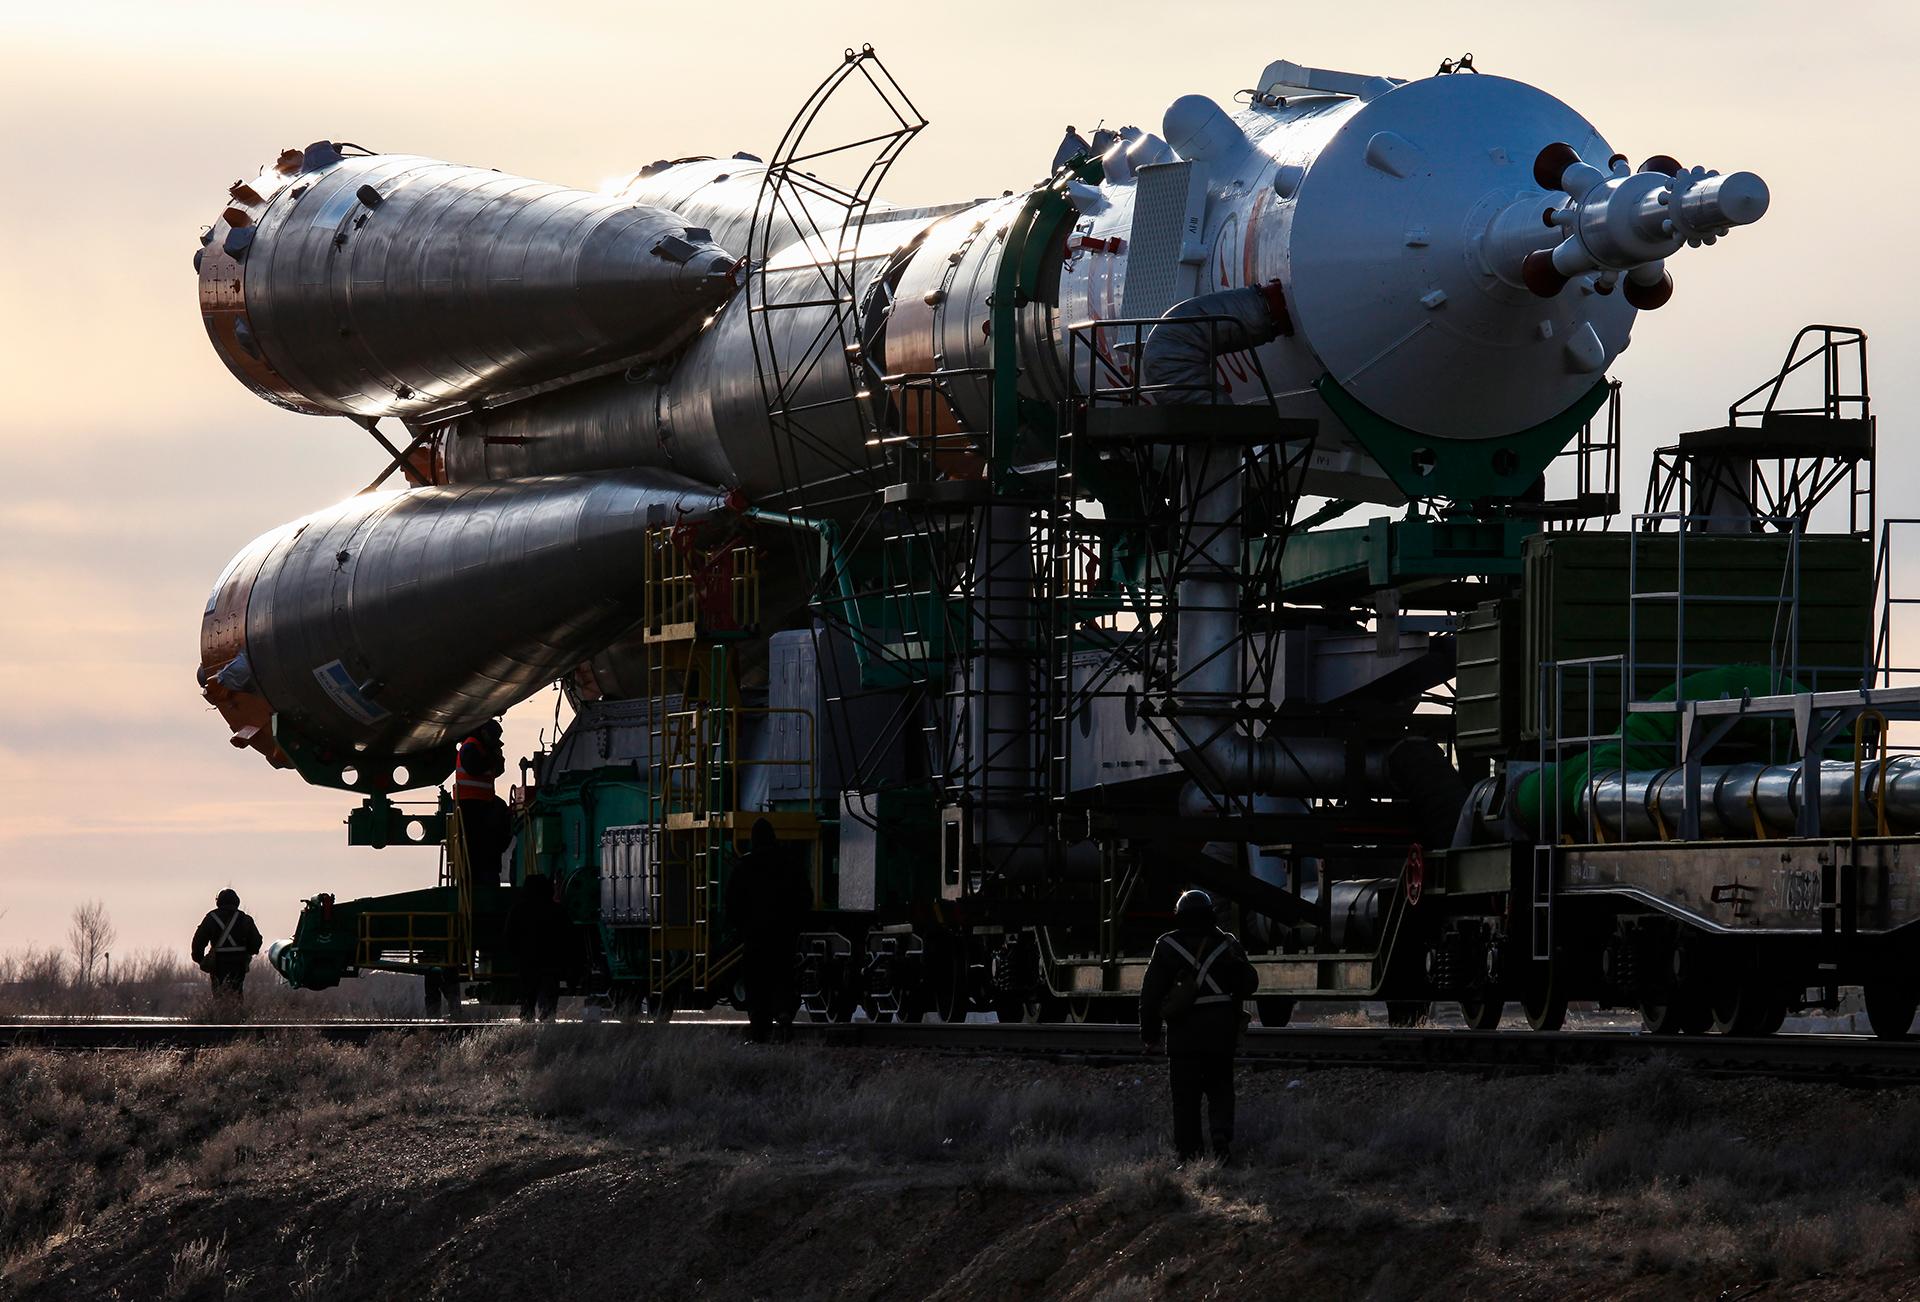 Soiuz rocket launching, Baikonur 2010, Kazakhstan, ракета, Союз, railways, Gagarin start